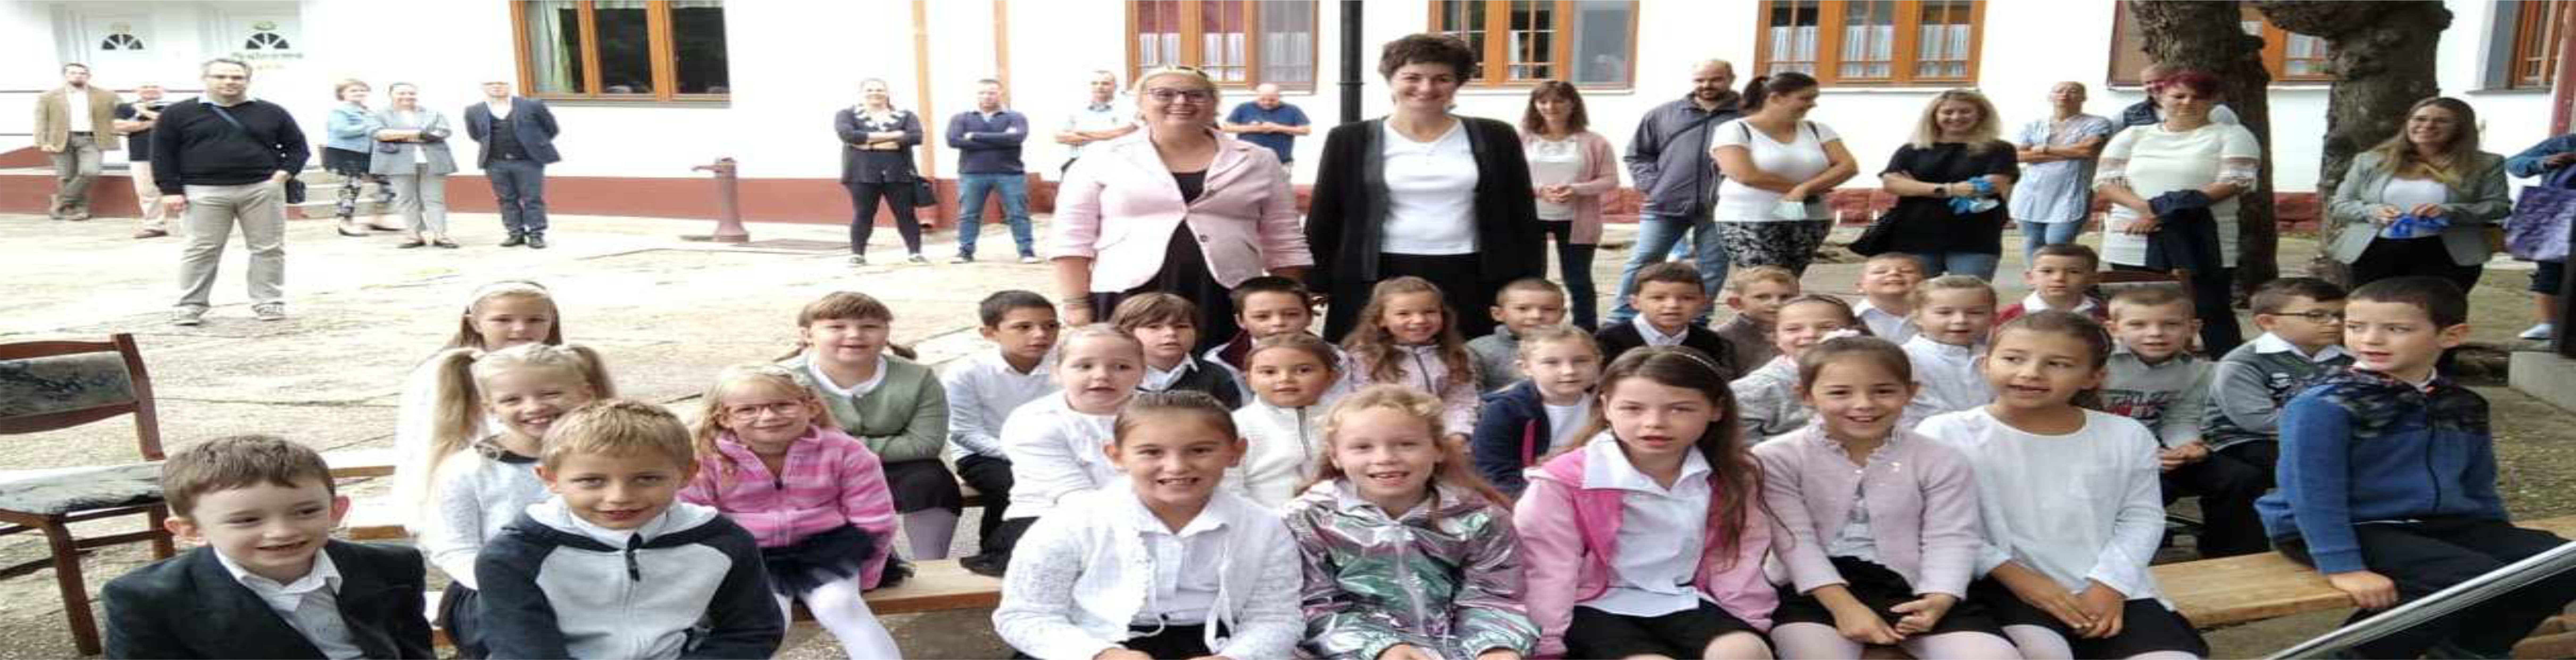 eszközöket, hogy megfeleljen az általános iskolák)